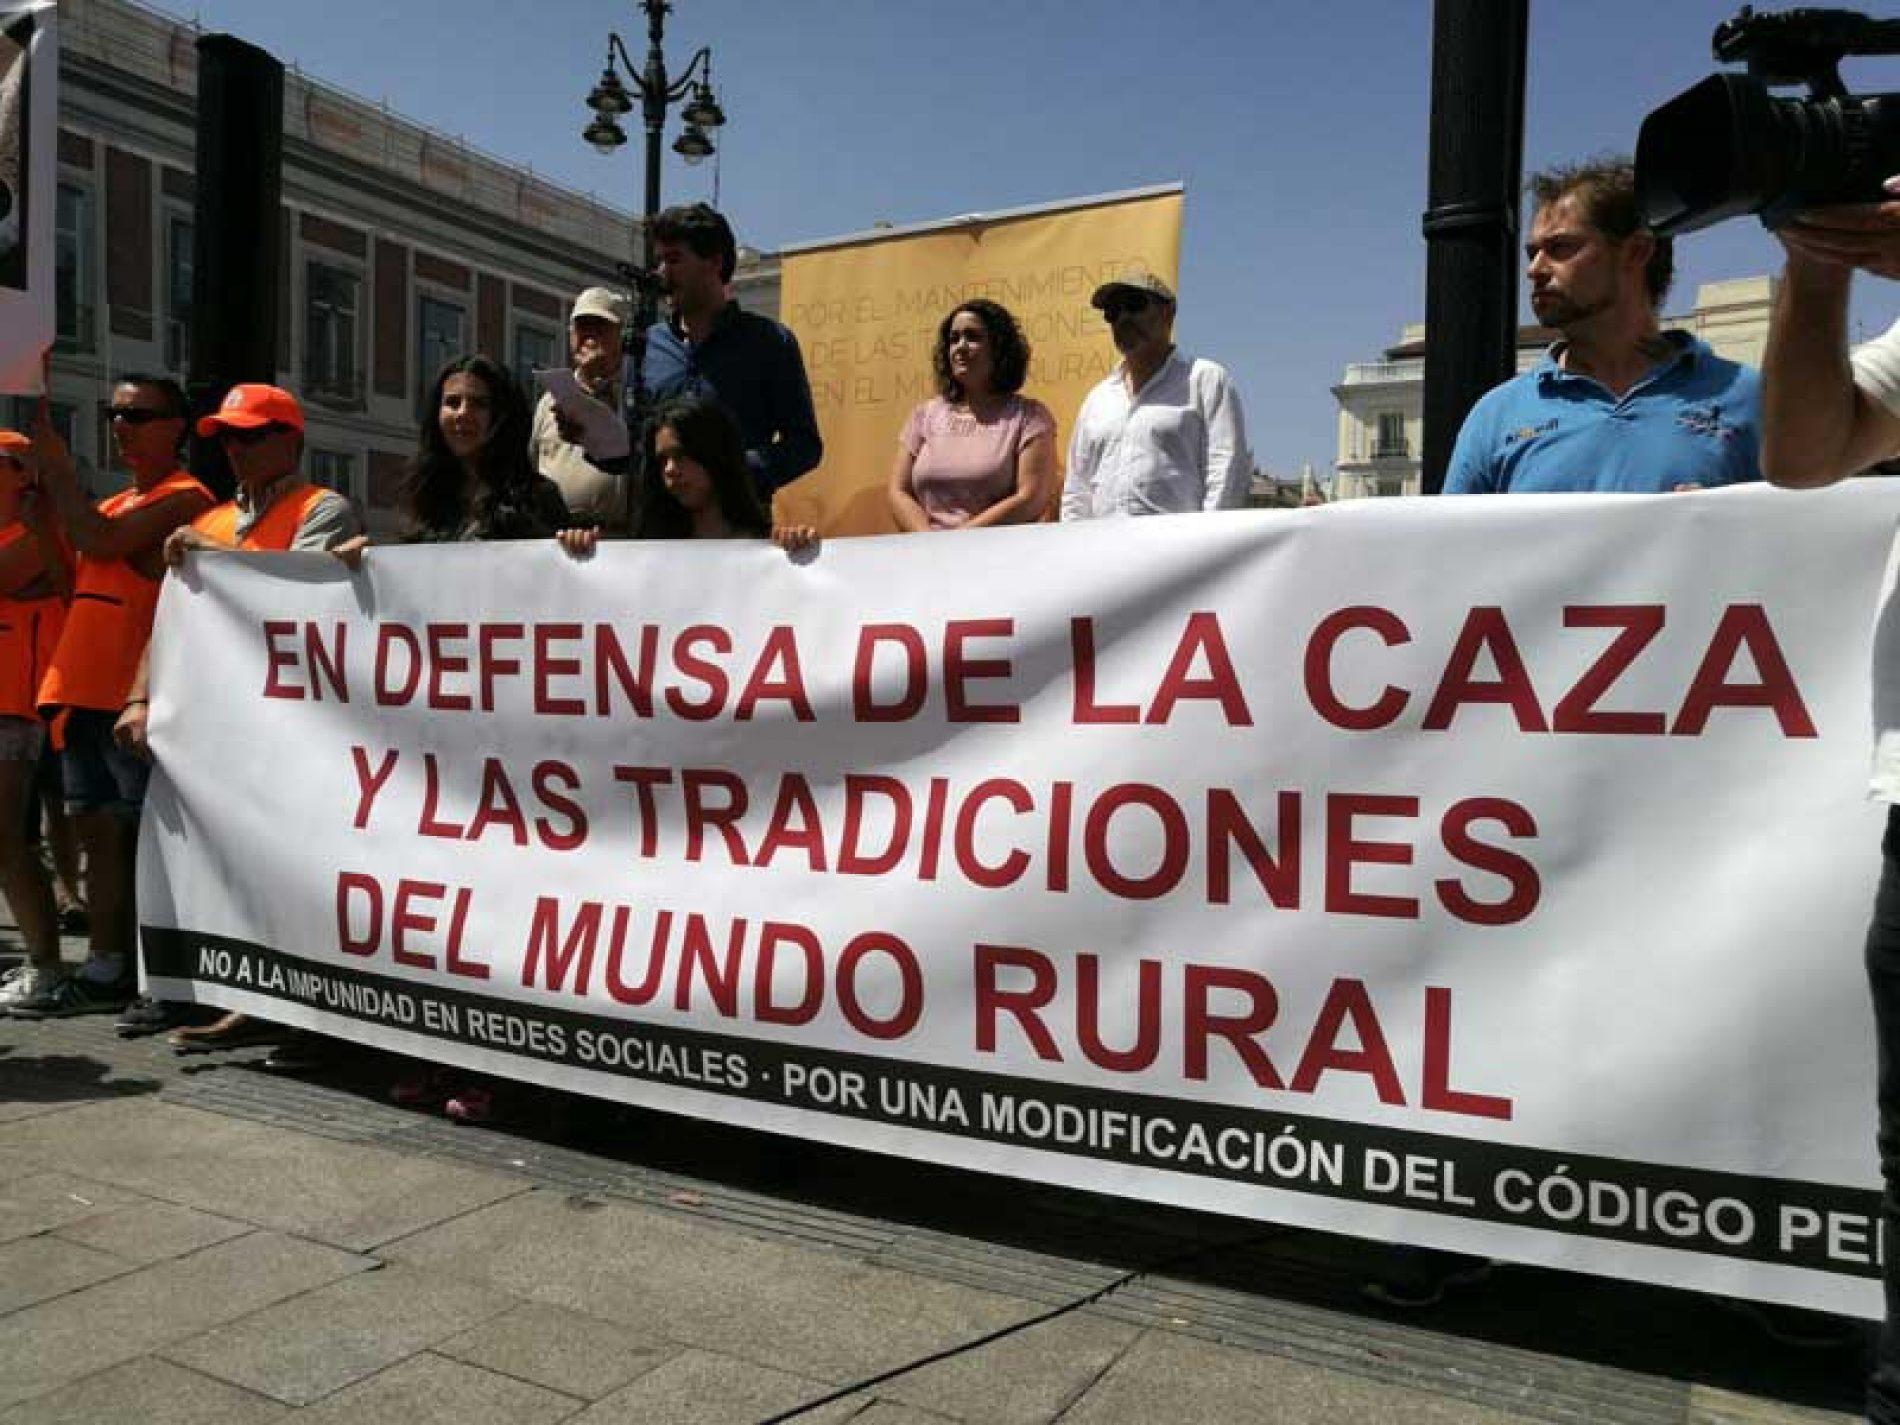 El mundo de la caza reclama reformar el Código Penal para frenar la impunidad en las RRSS